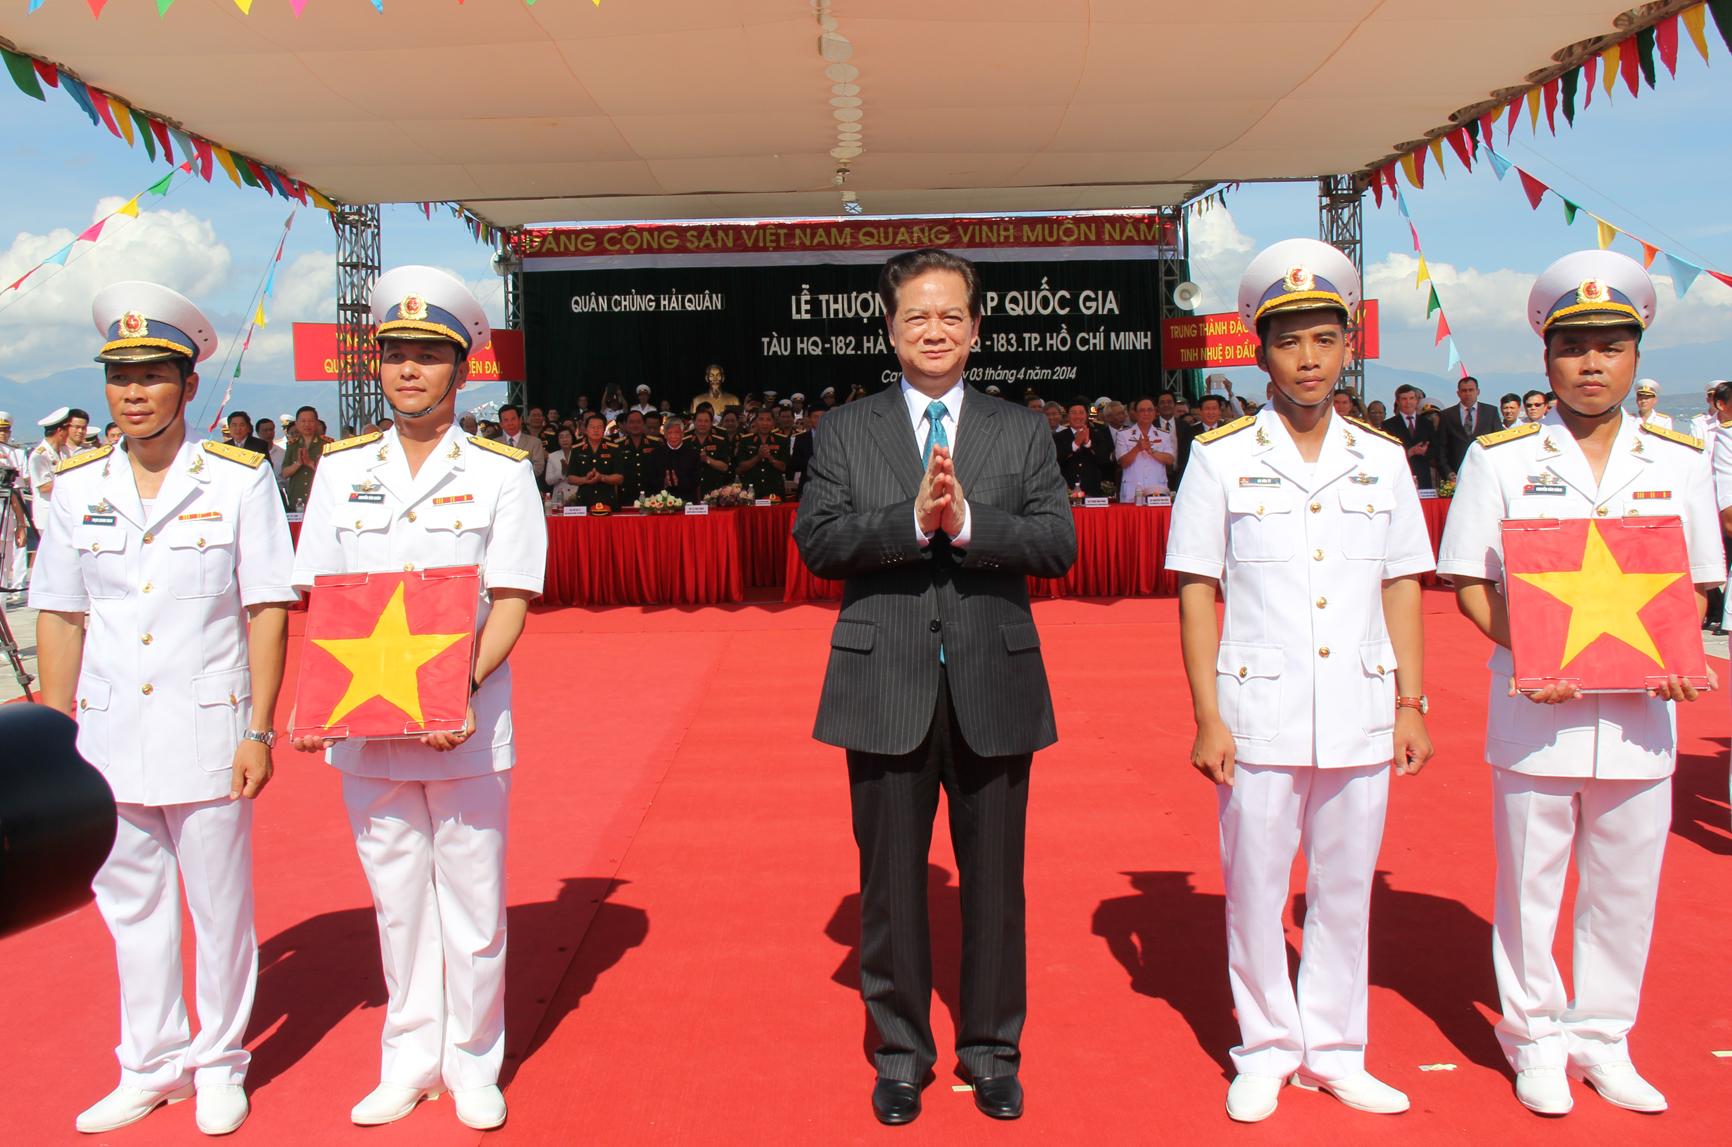 Thủ tướng Nguyễn Tấn Dũng trao quốc kỳ cho thuyền trưởng và chính trị viên 2 tàu ngầm